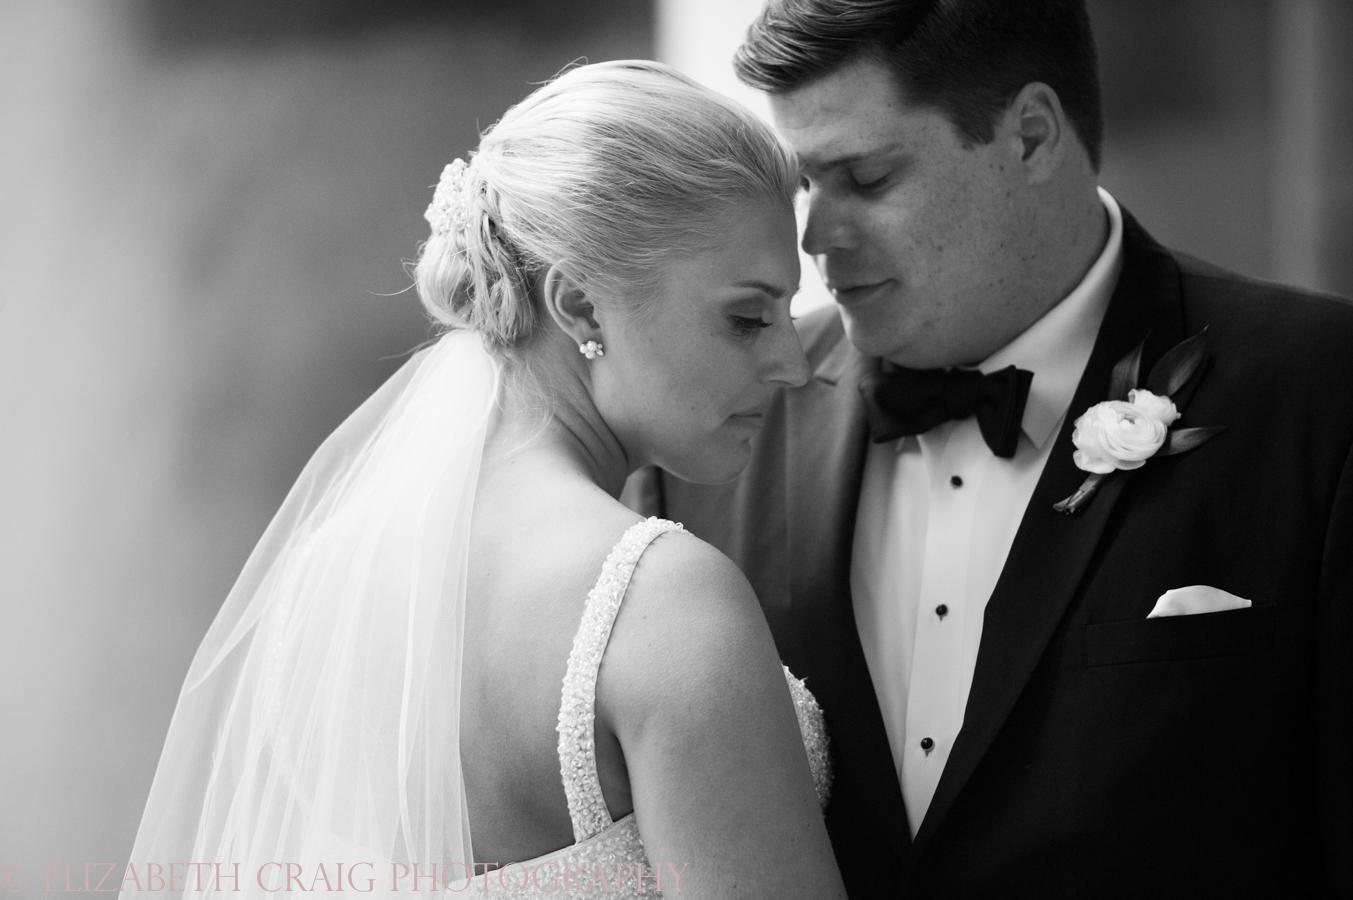 Elizabeth Craig Wedding Photography-126